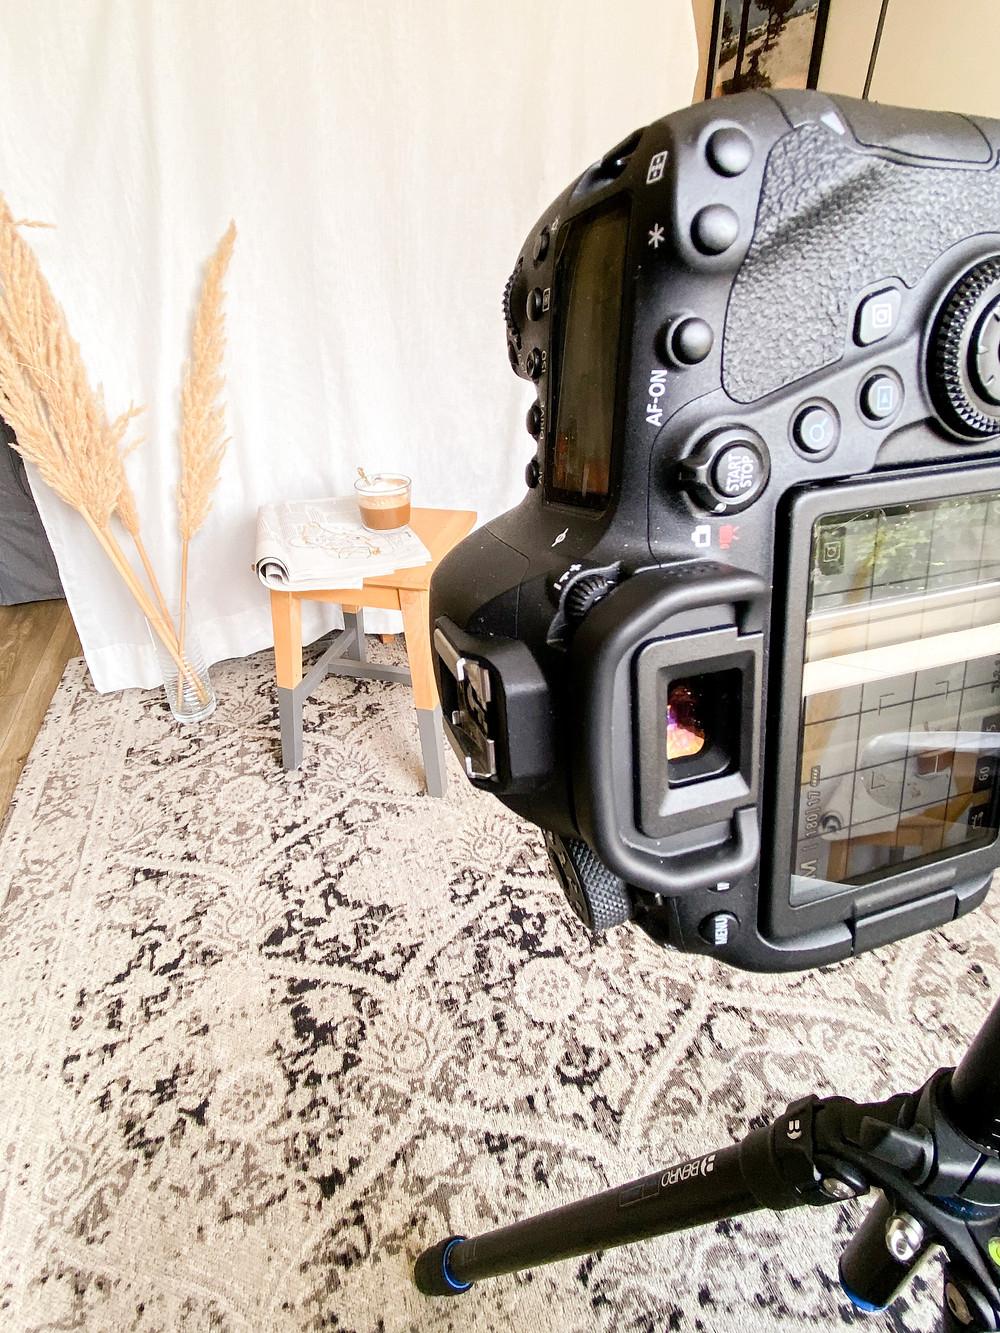 Productfotografie behind the scenes